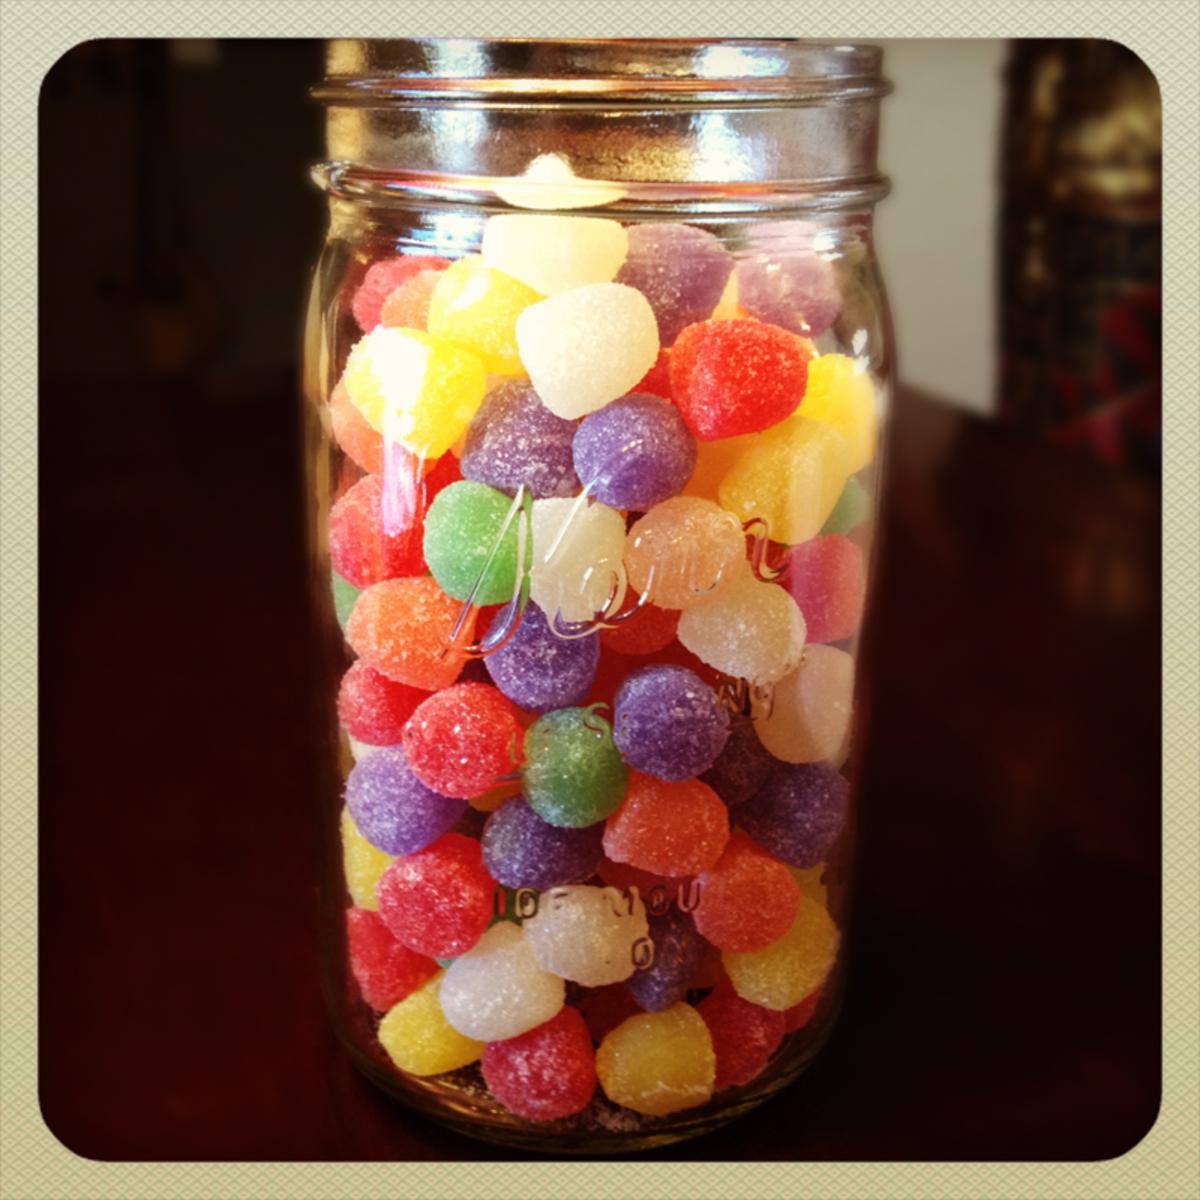 Candy gumdrops in a mason jar.